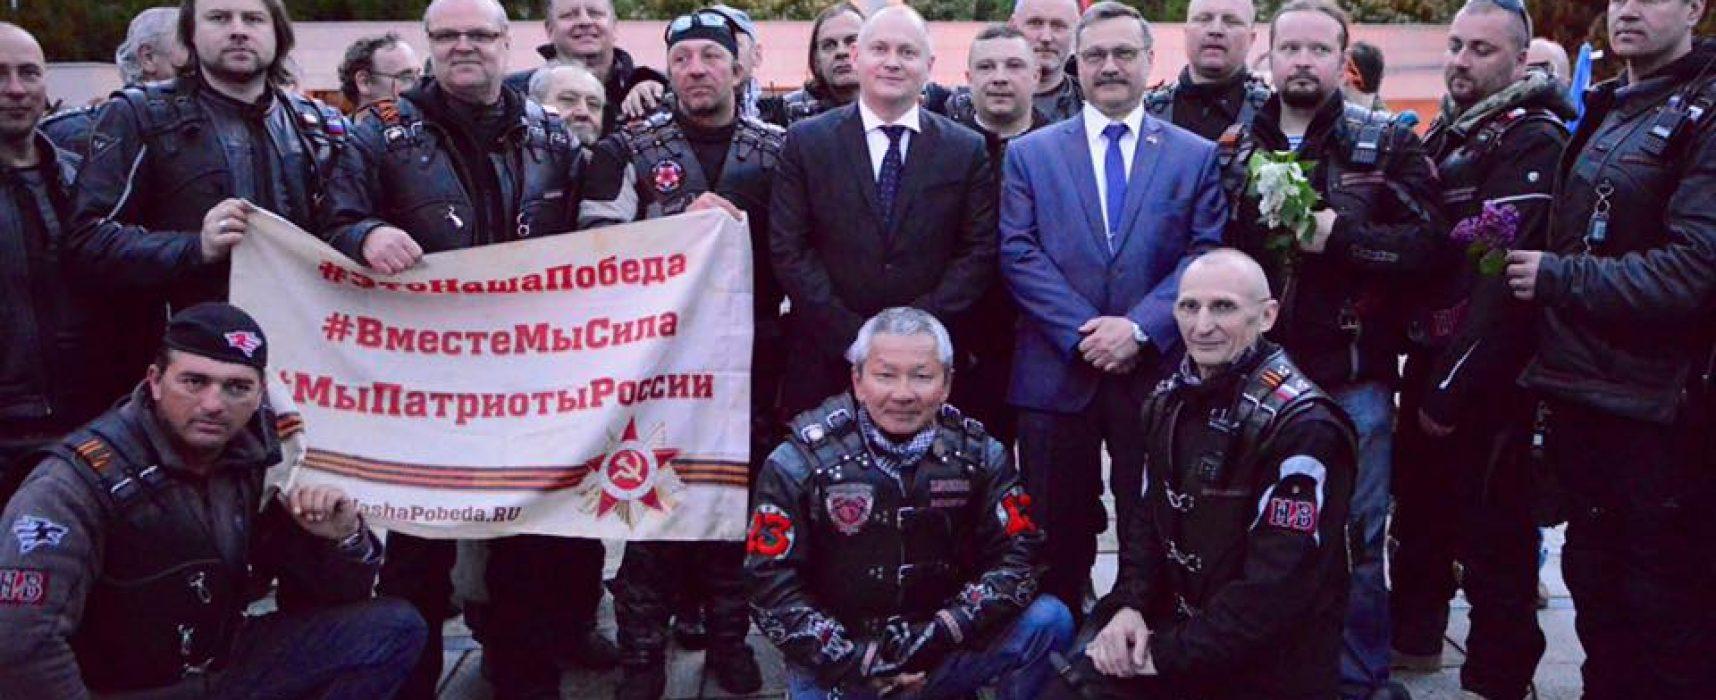 Noční vlci s lepkavou polevou ruské propagandy